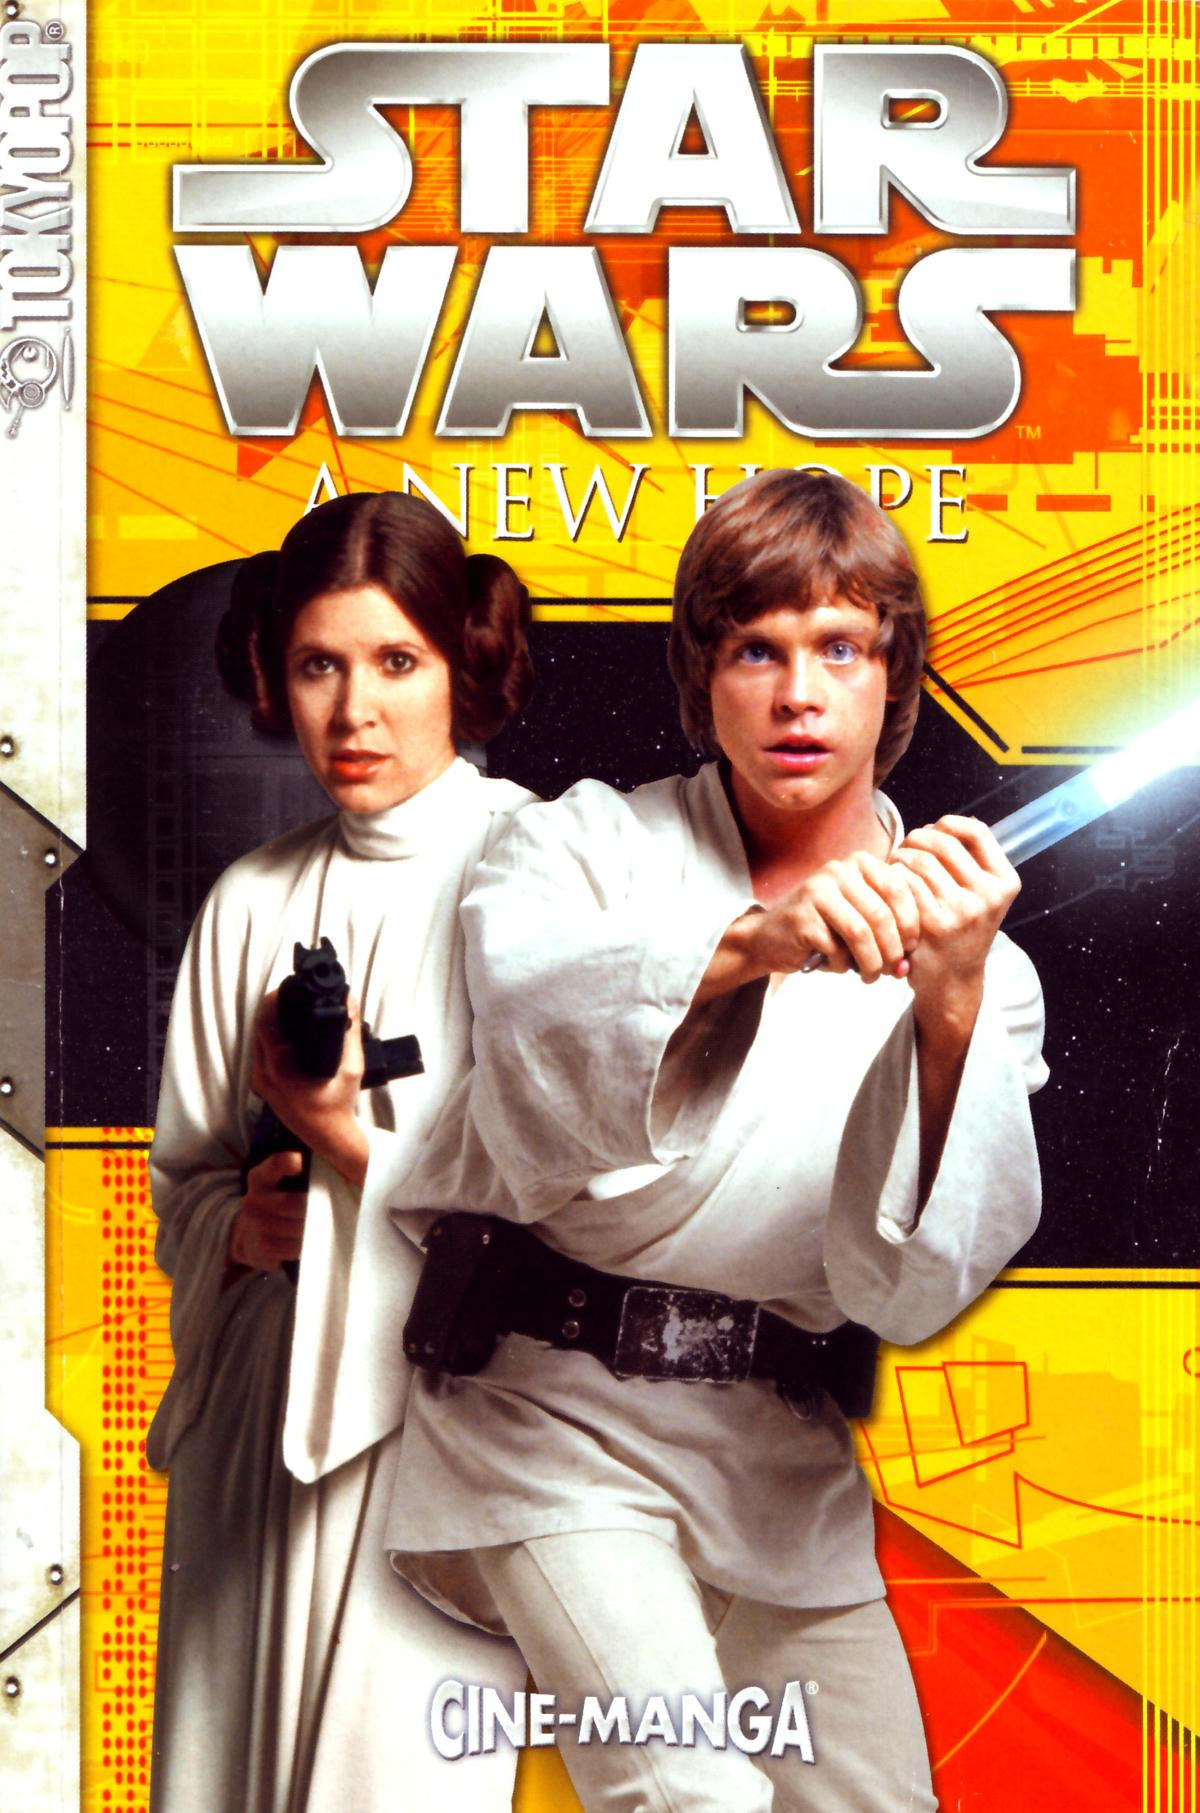 Звёздные войны. Эпизод IV: Новая надежда (синеманга)